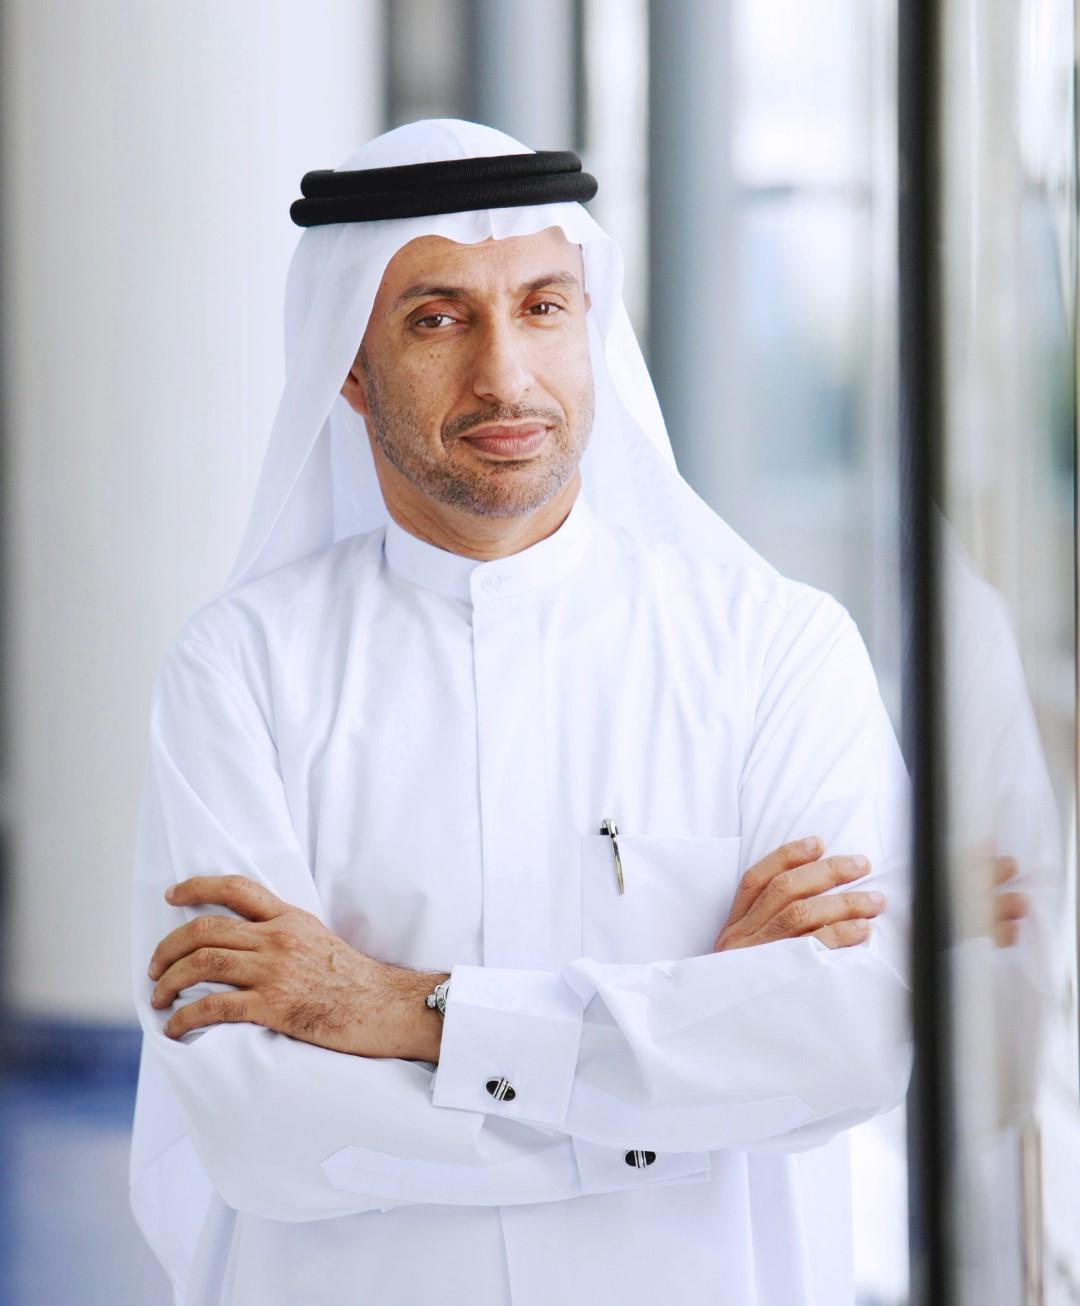 """واحة دبي للسيليكون و""""ديرق"""" تتعاونان لتقديم منصة ذكية لمكافحة فيروس """"كورونا"""""""